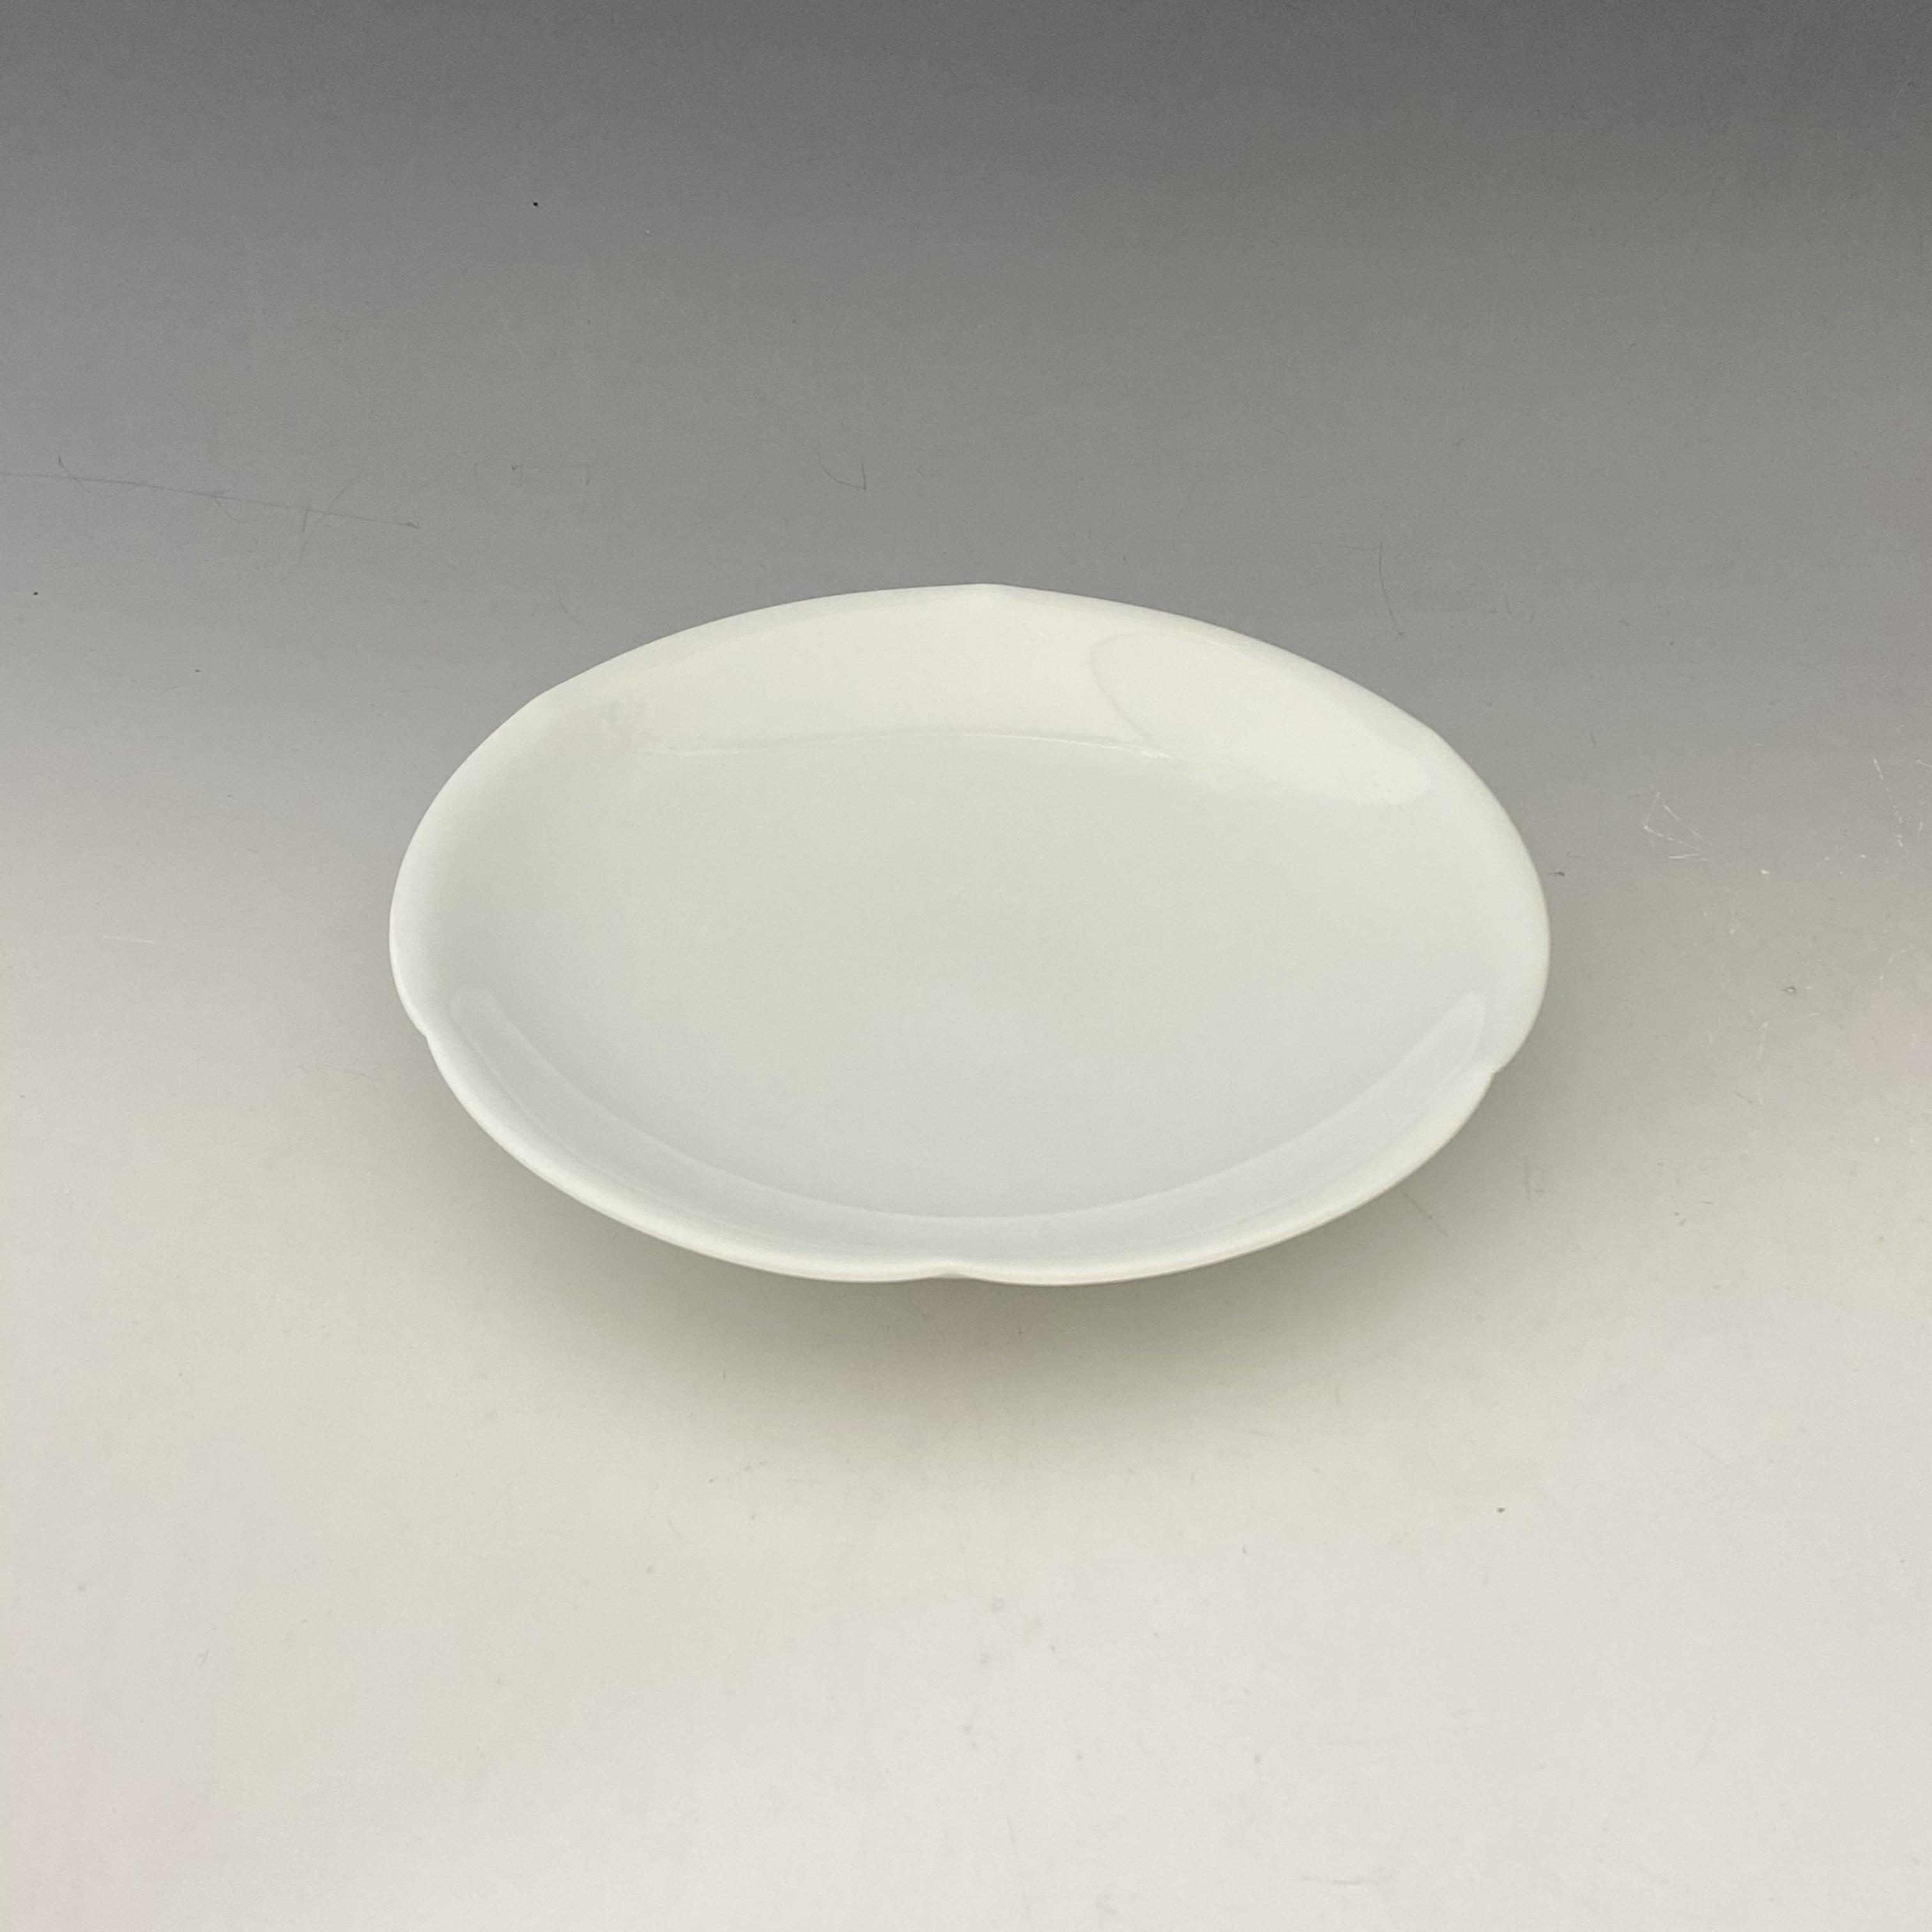 【中尾恭純】白磁六方押皿